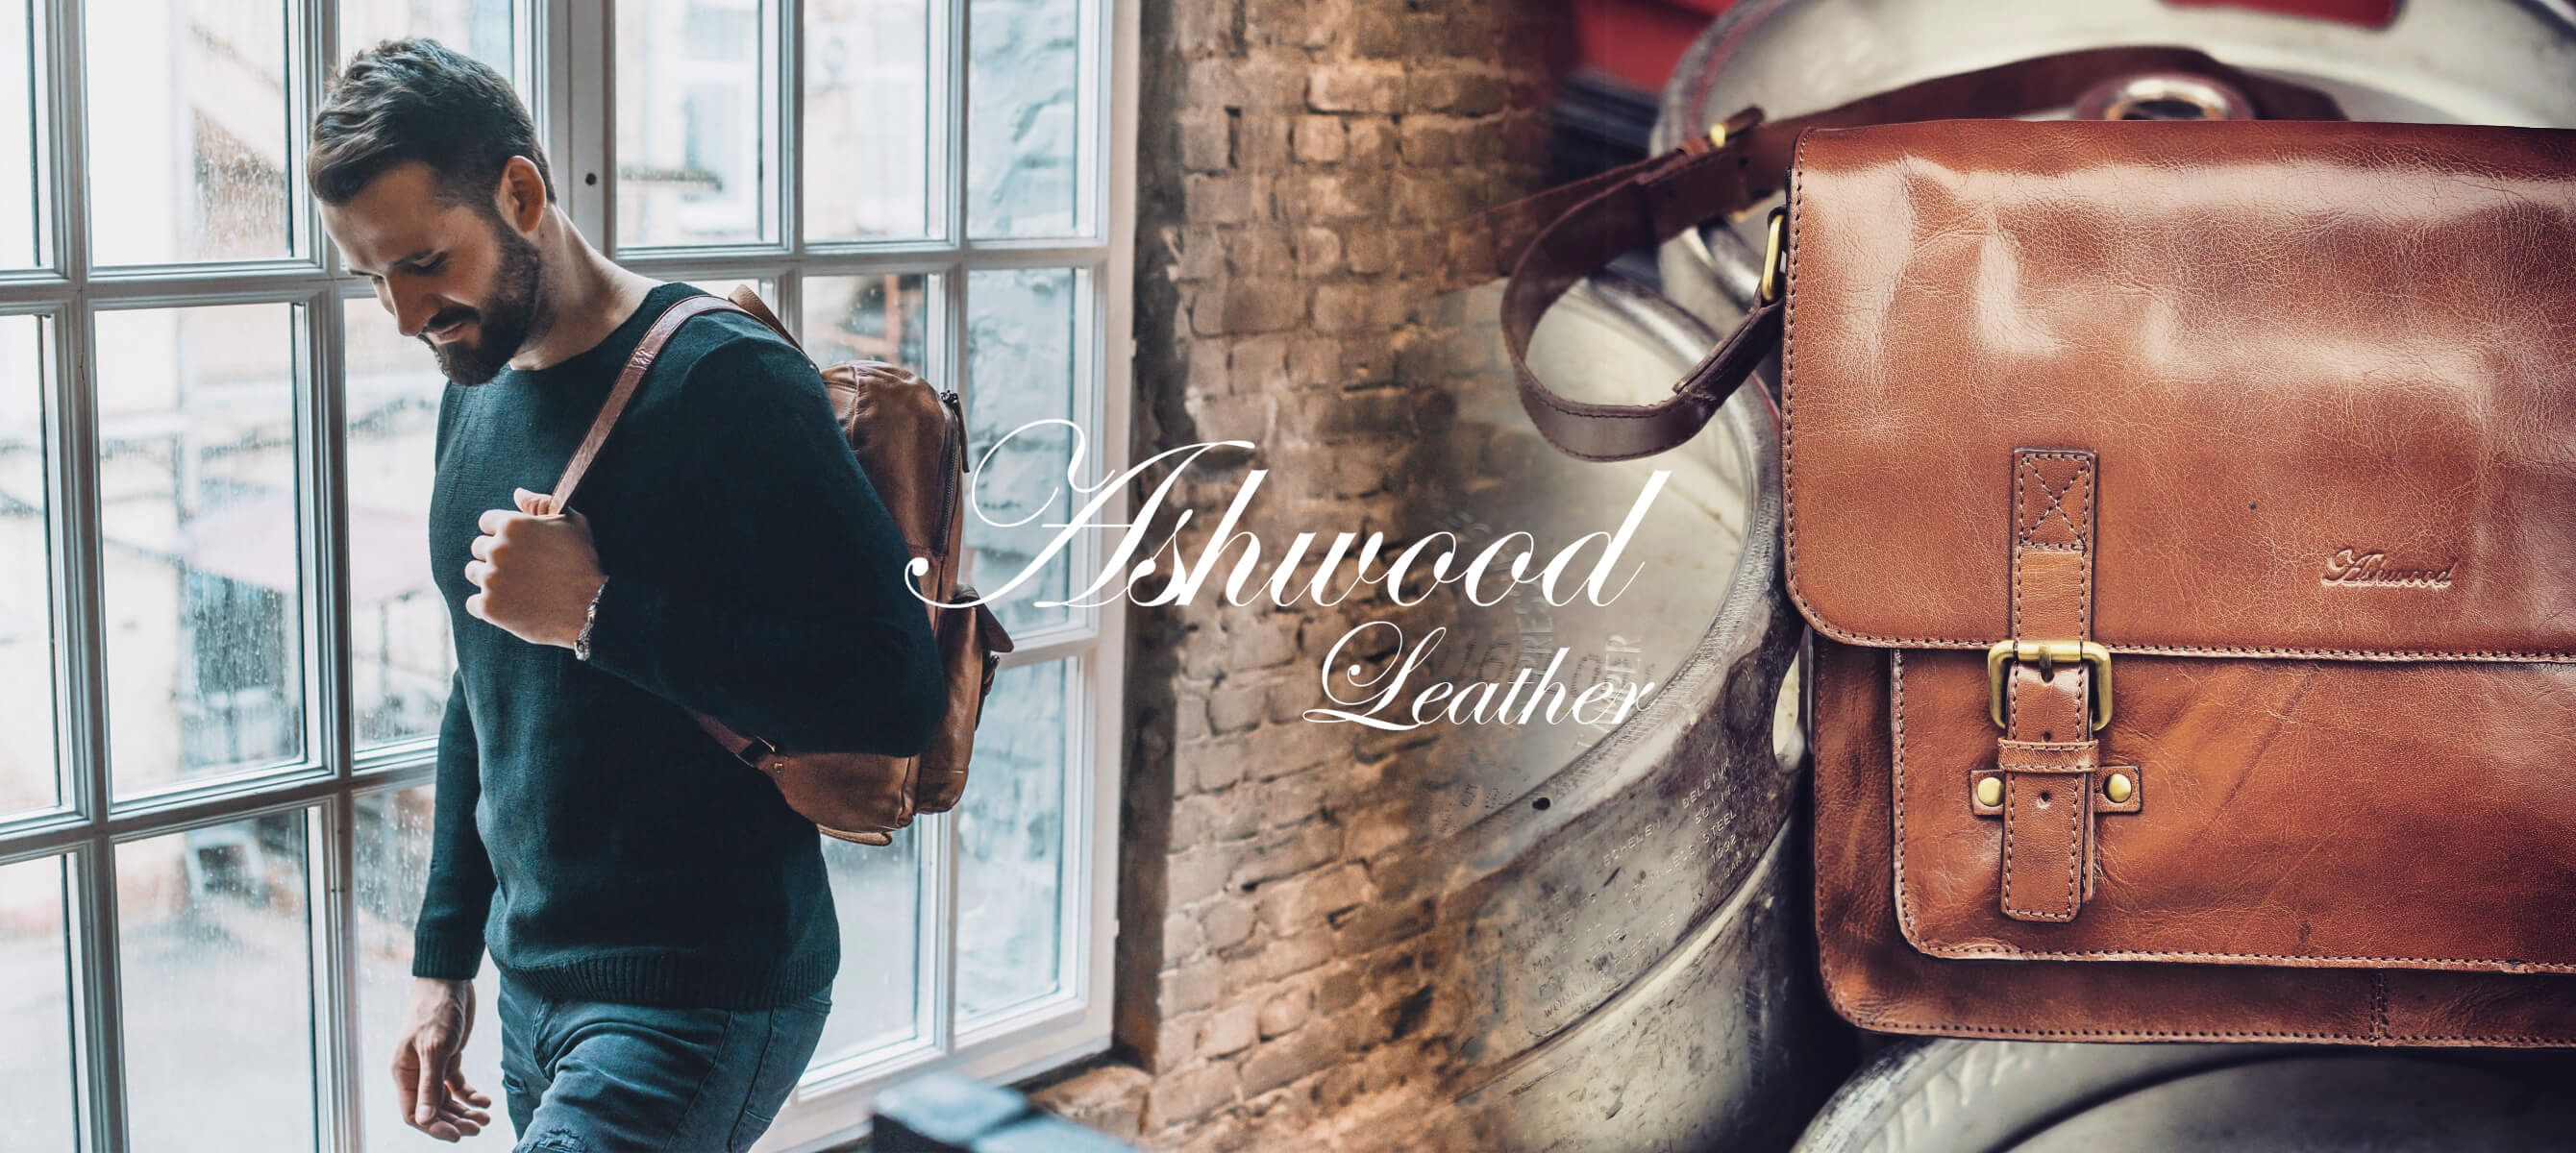 NNová značka Ashwood Leather v naší nabídce!